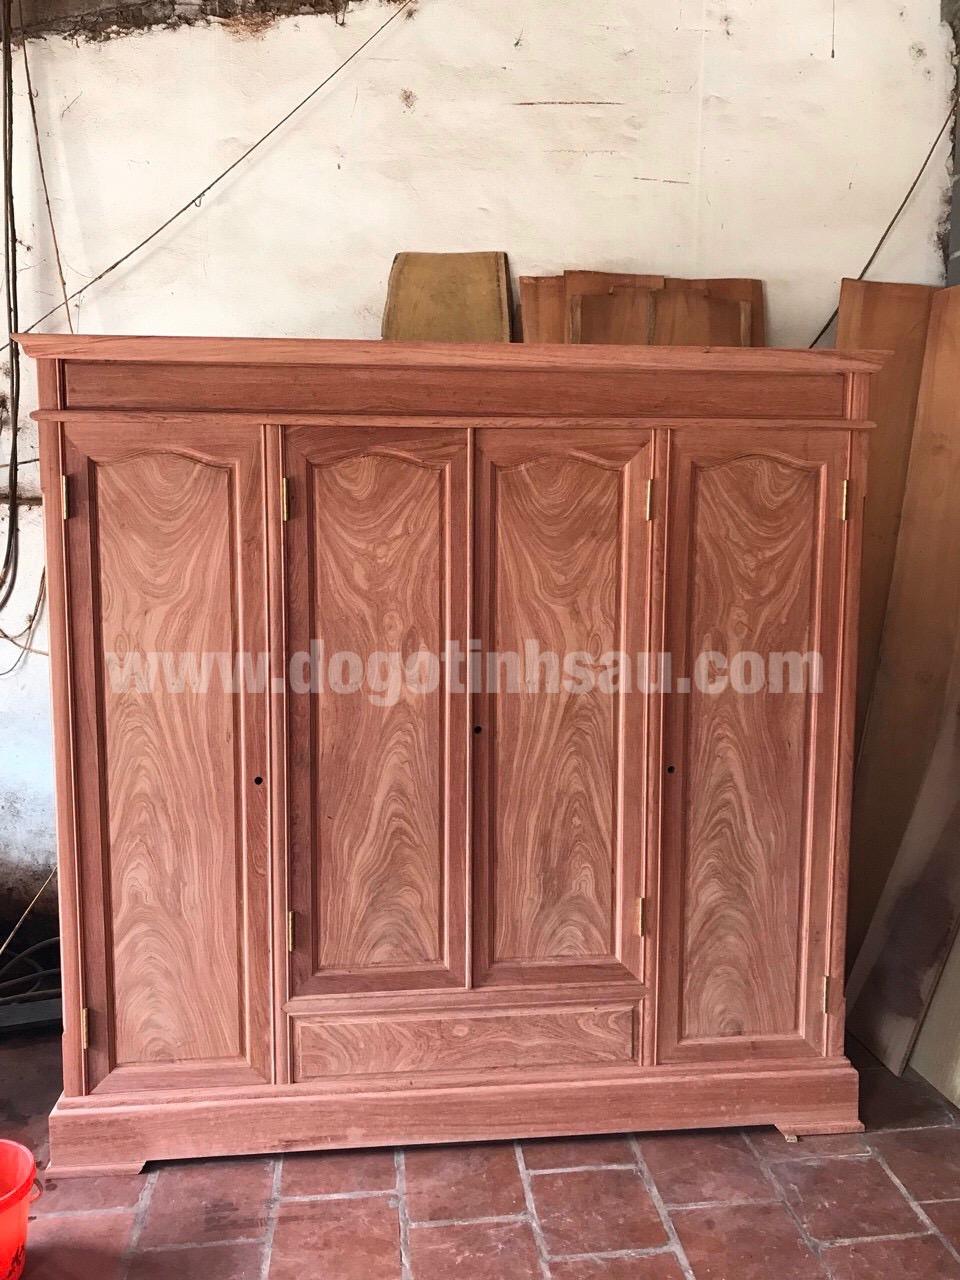 tu ao go huong da 4 canh chon van - Tại sao ngày càng nhiều khách hàng quan tâm lựa chọn tủ áo gỗ hương?